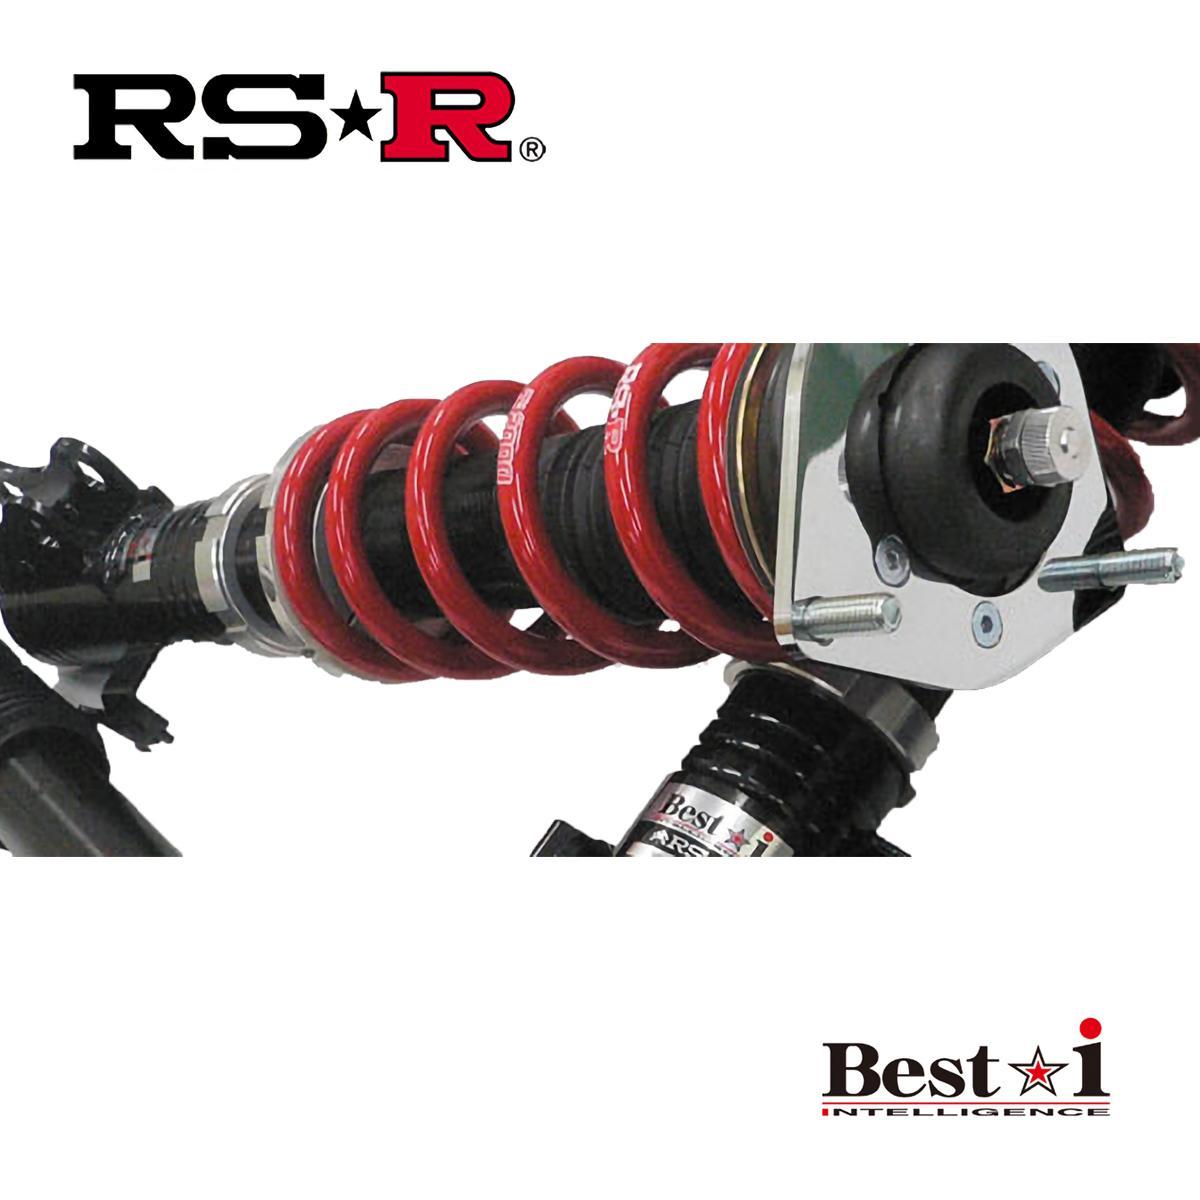 RS-R クラウンハイブリッド AZSH20 RSアドバンス 車高調 リア車高調整:ネジ式/ソフトバネレート仕様 BIT967S ベストi RSR 個人宅発送追金有